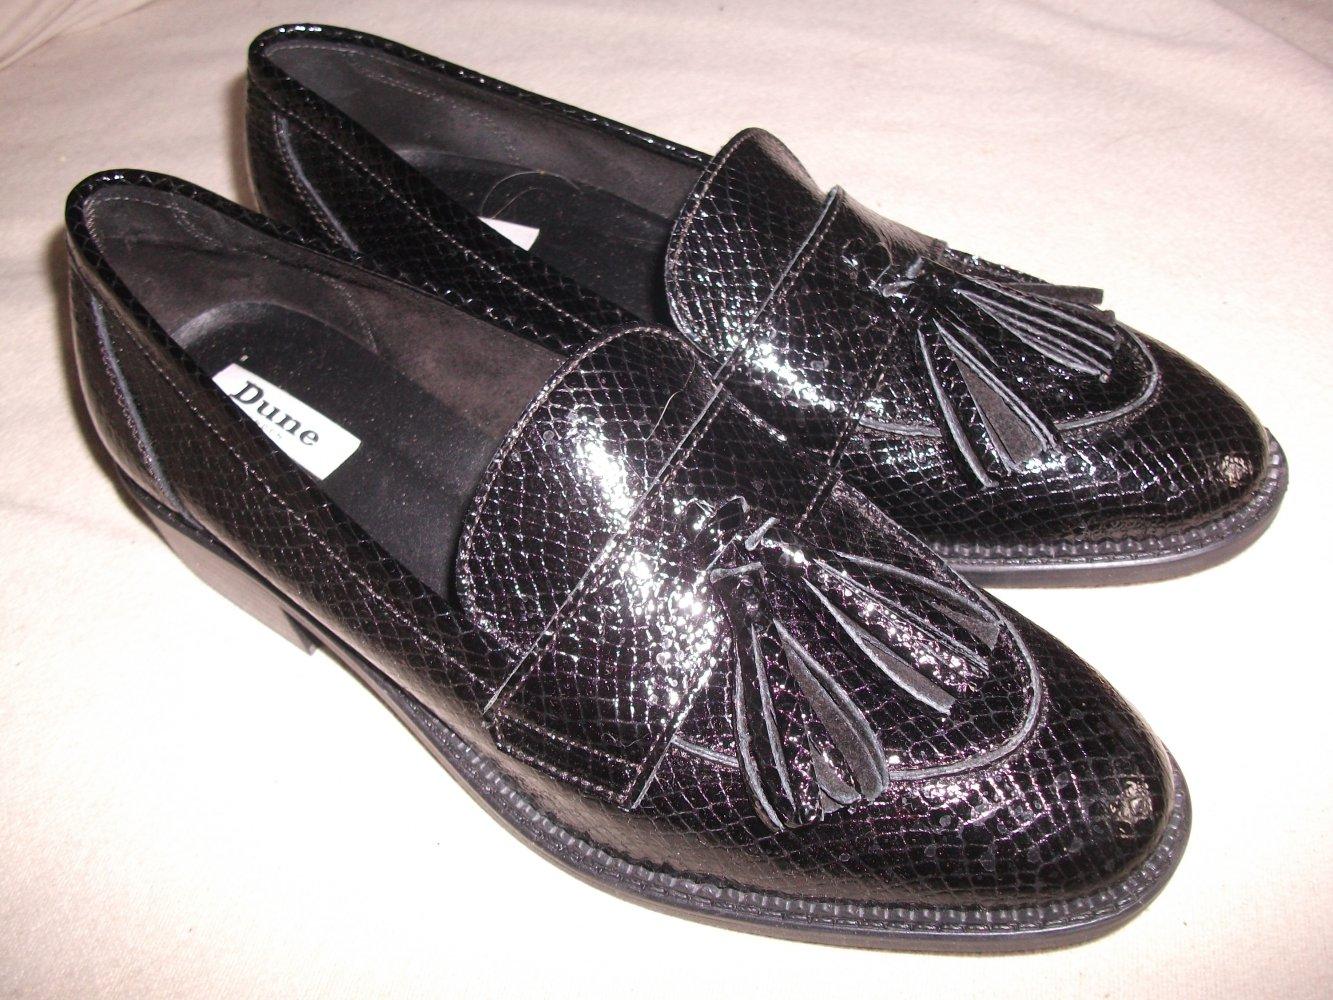 sports shoes 90c52 a0fed College-Schuhe Slipper Loafer Gr. 41 von DUNE Leder, schwarz, leicht  glänzend, Schlangen-Prägung